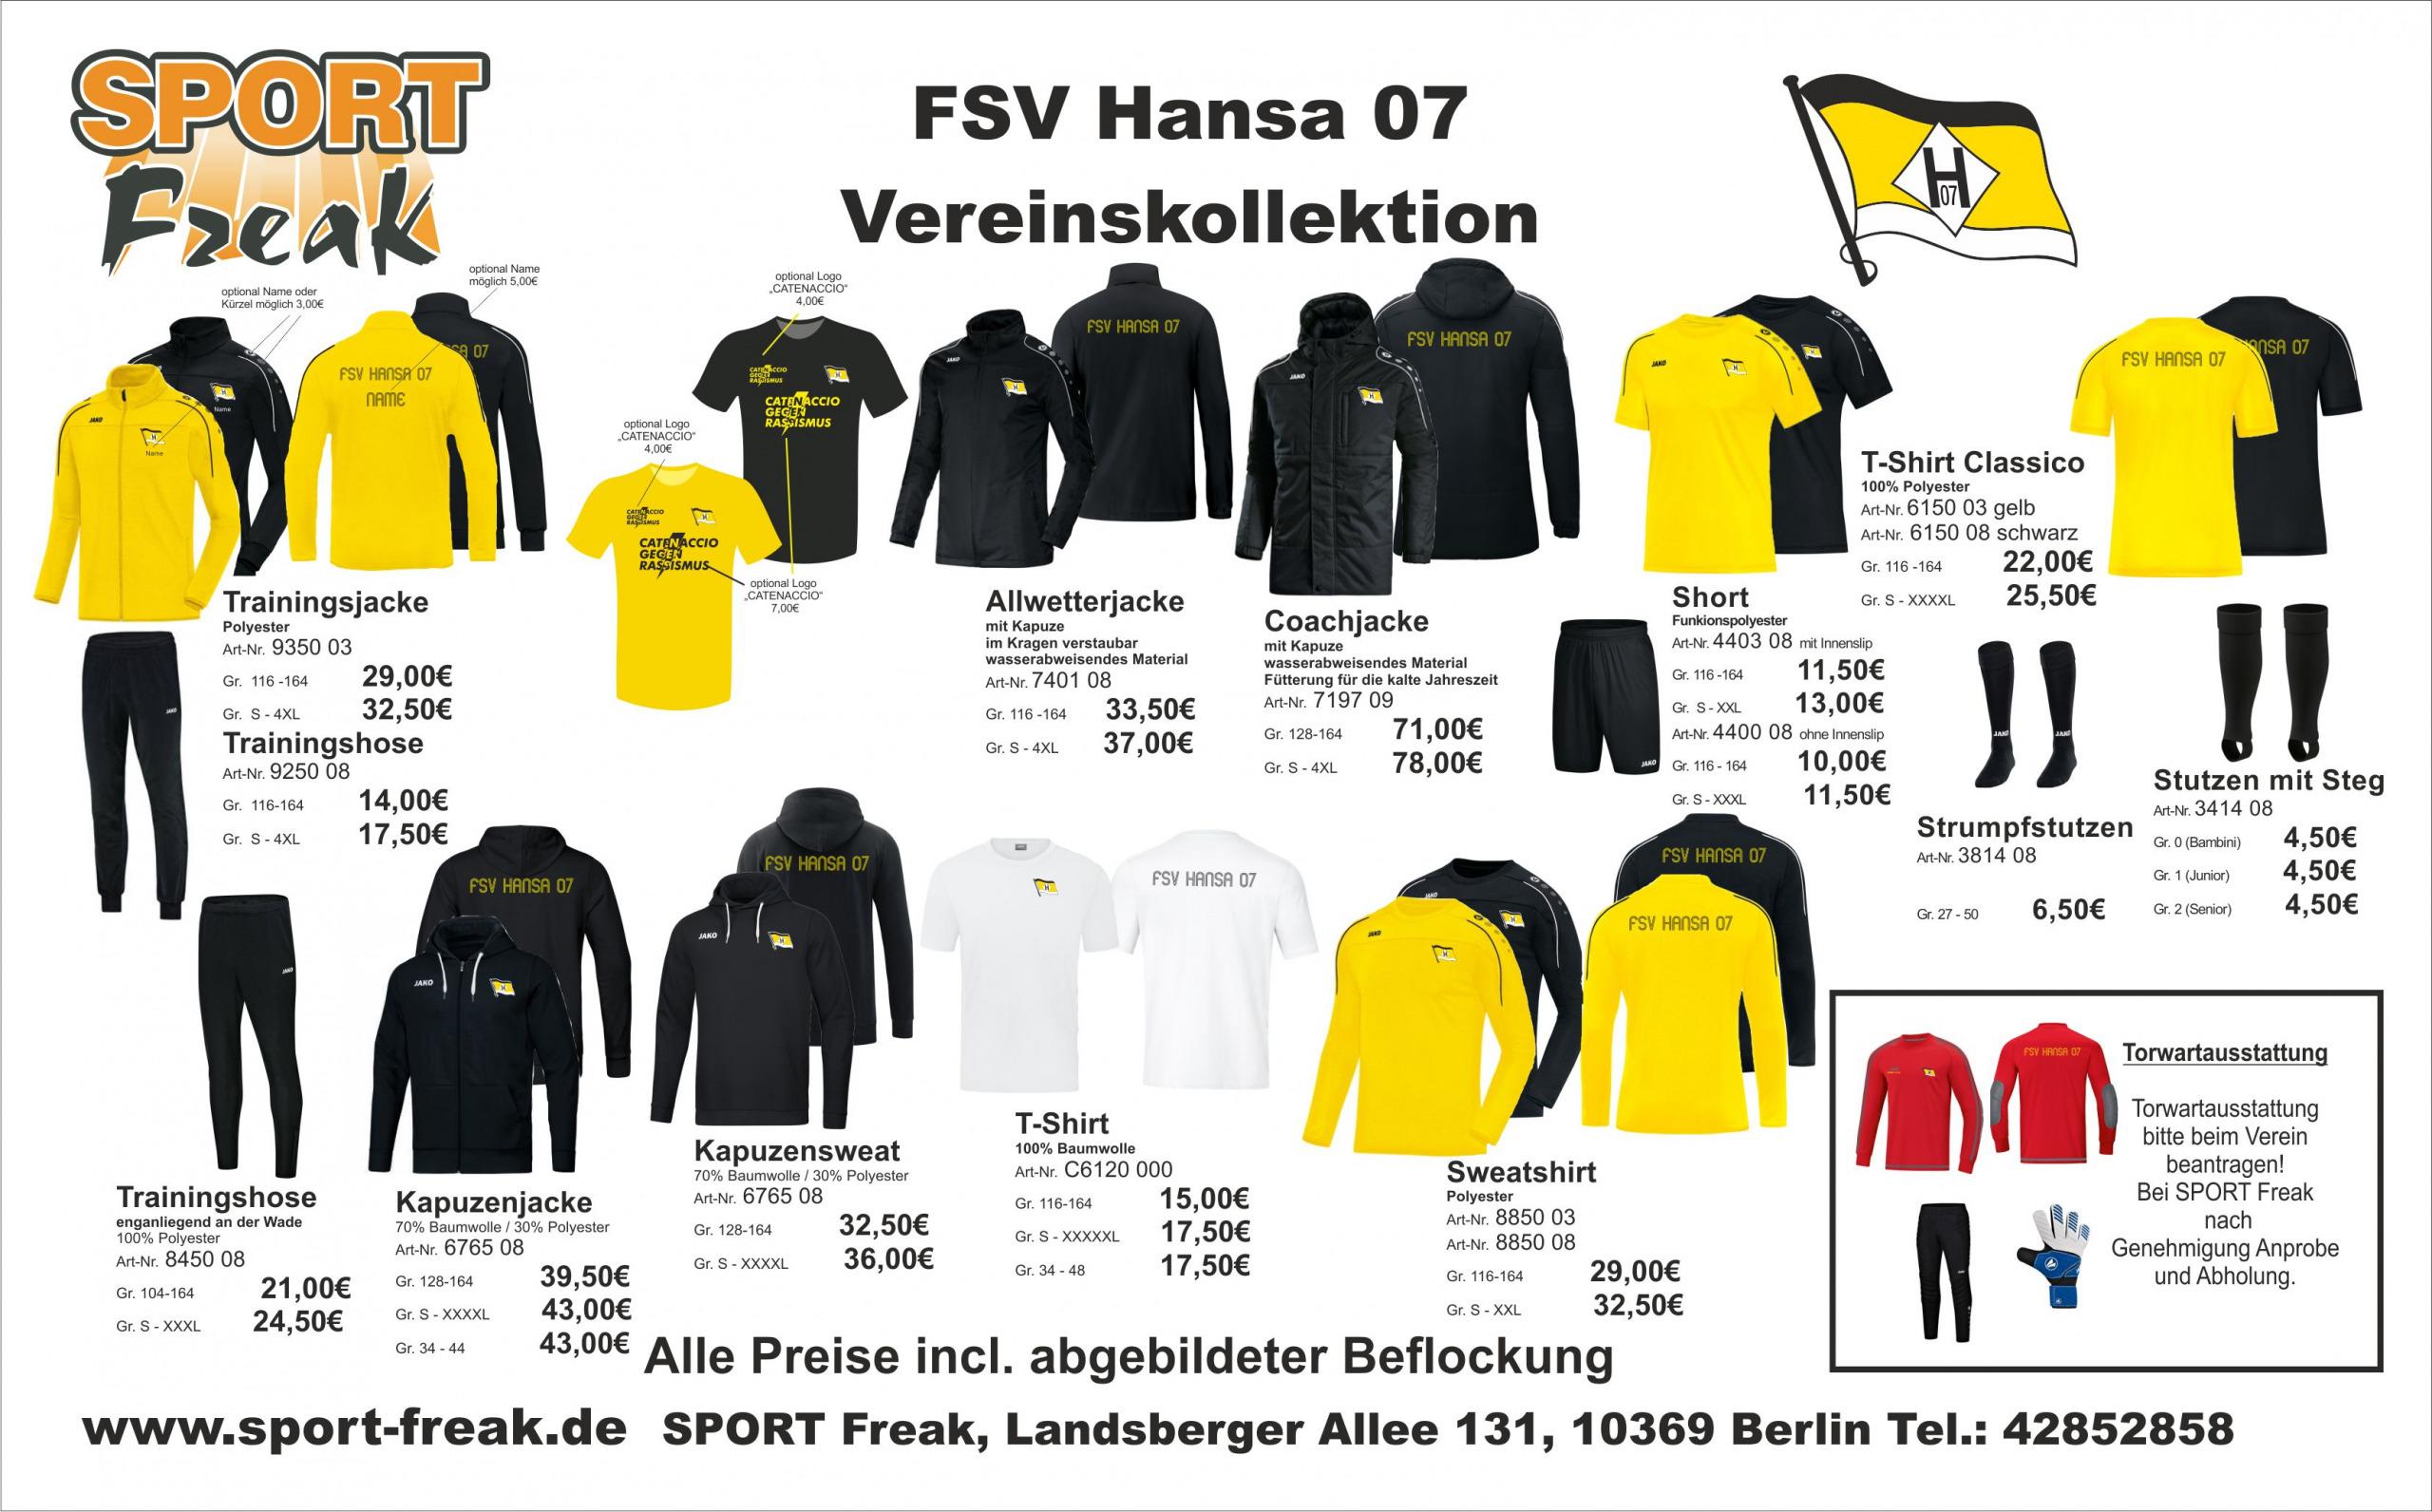 Flyer SFV Hansa 07